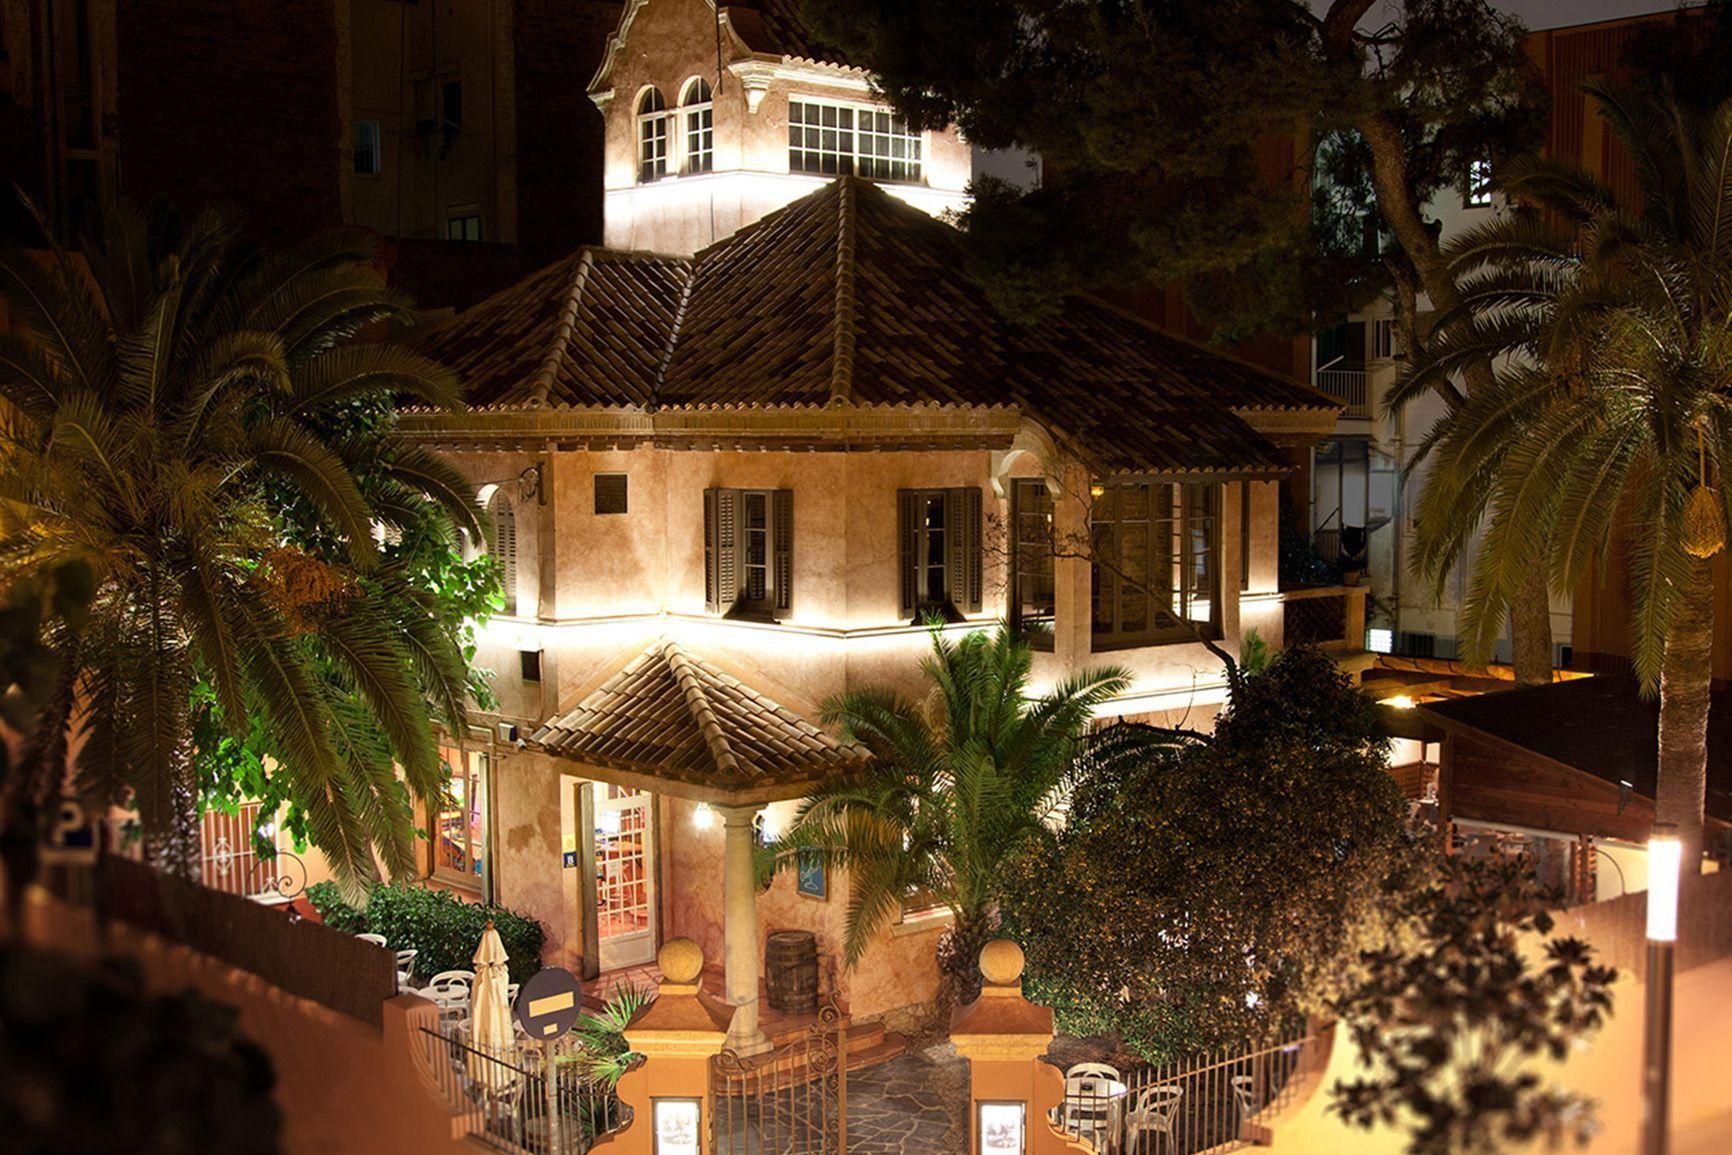 Mejores Restaurantes Con Terraza Barcelona 2019 Terrazeo